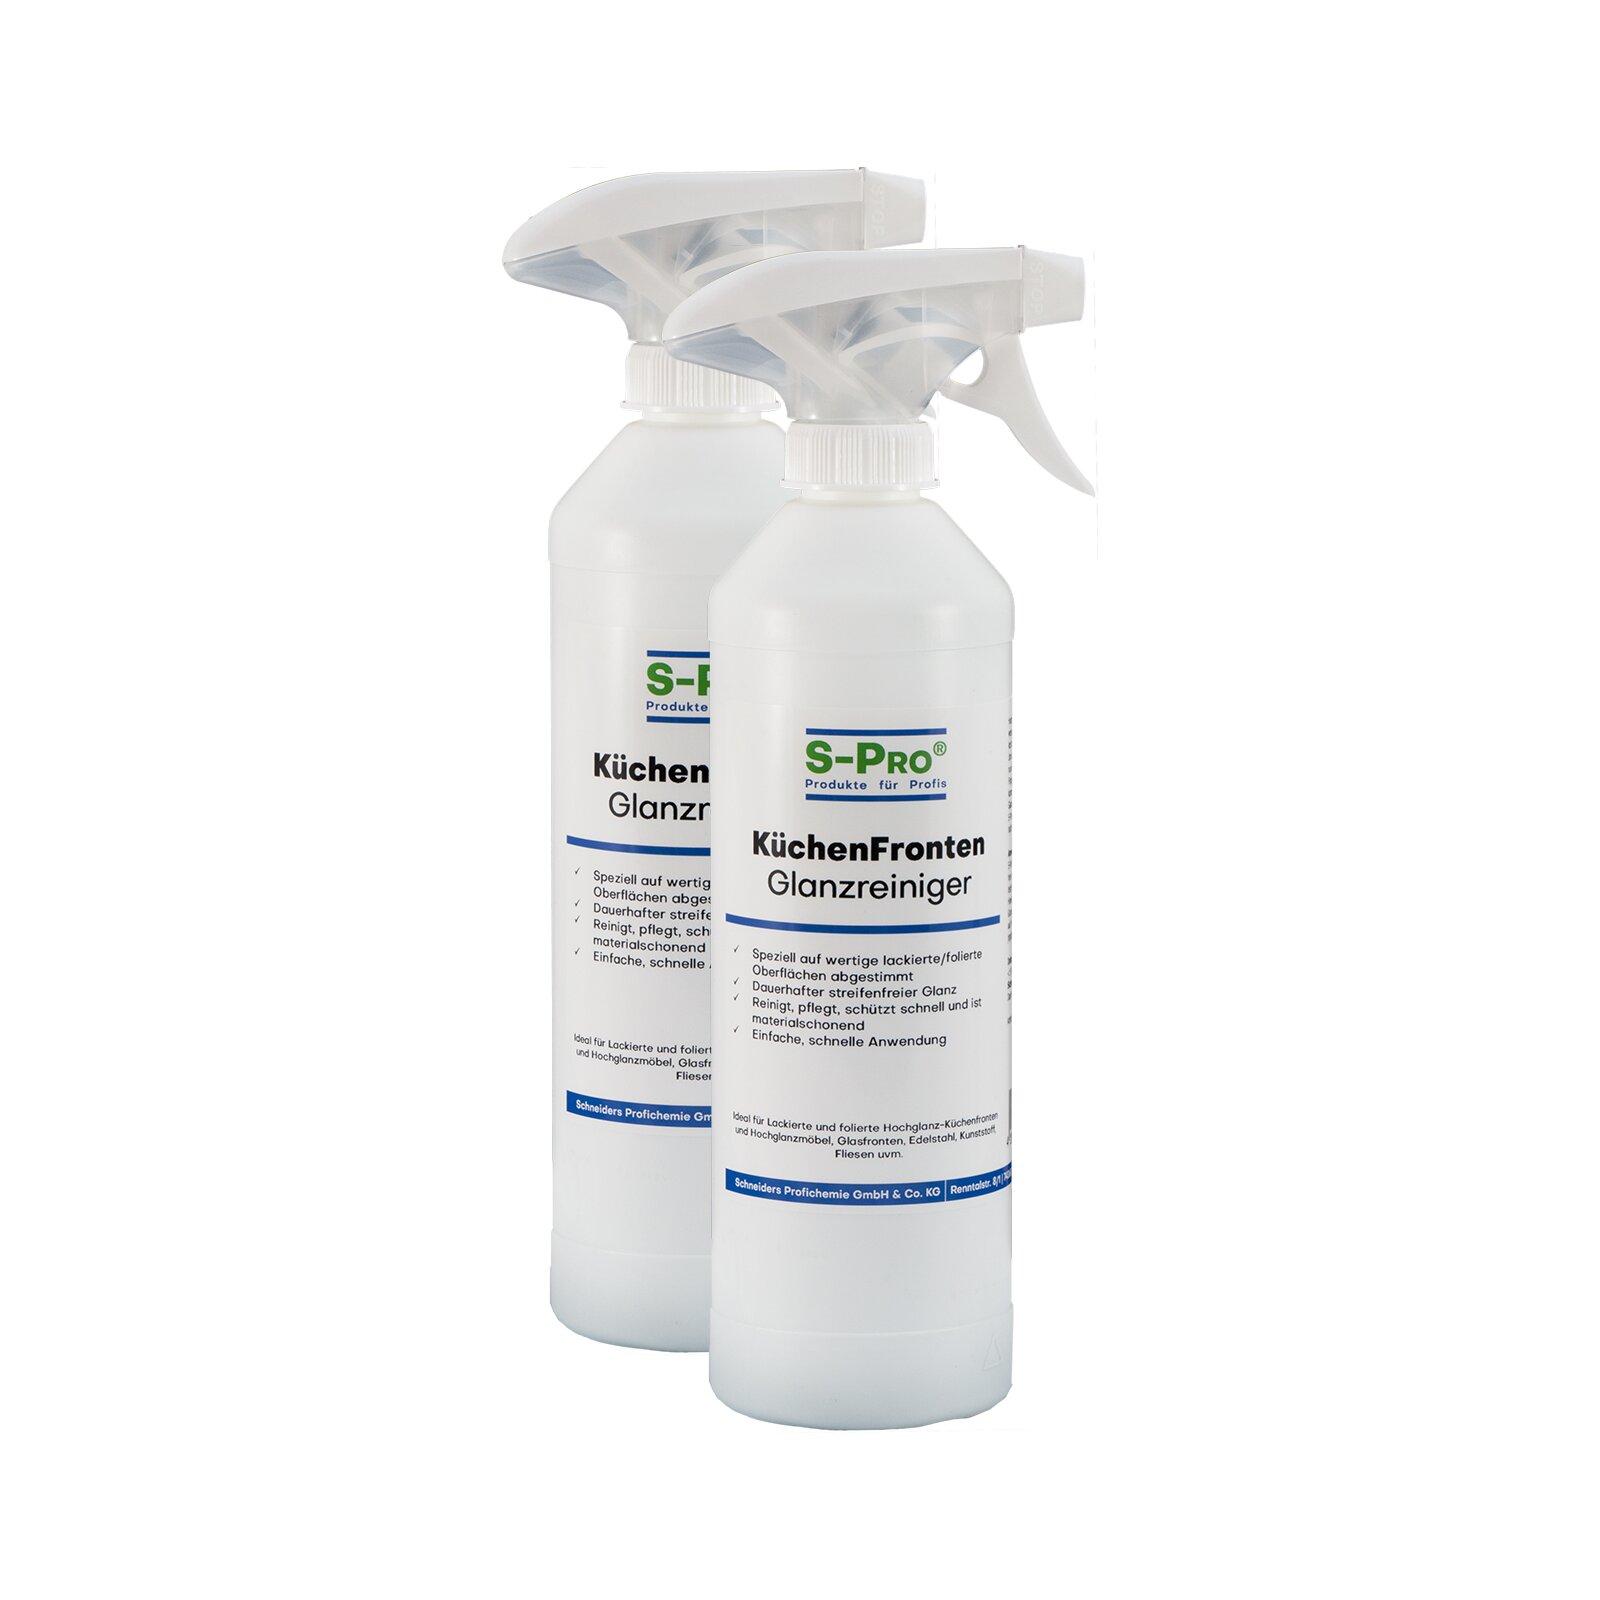 SPro KüchenFrontenGlanzreiniger 2x500ml Flasche mit Sprüher